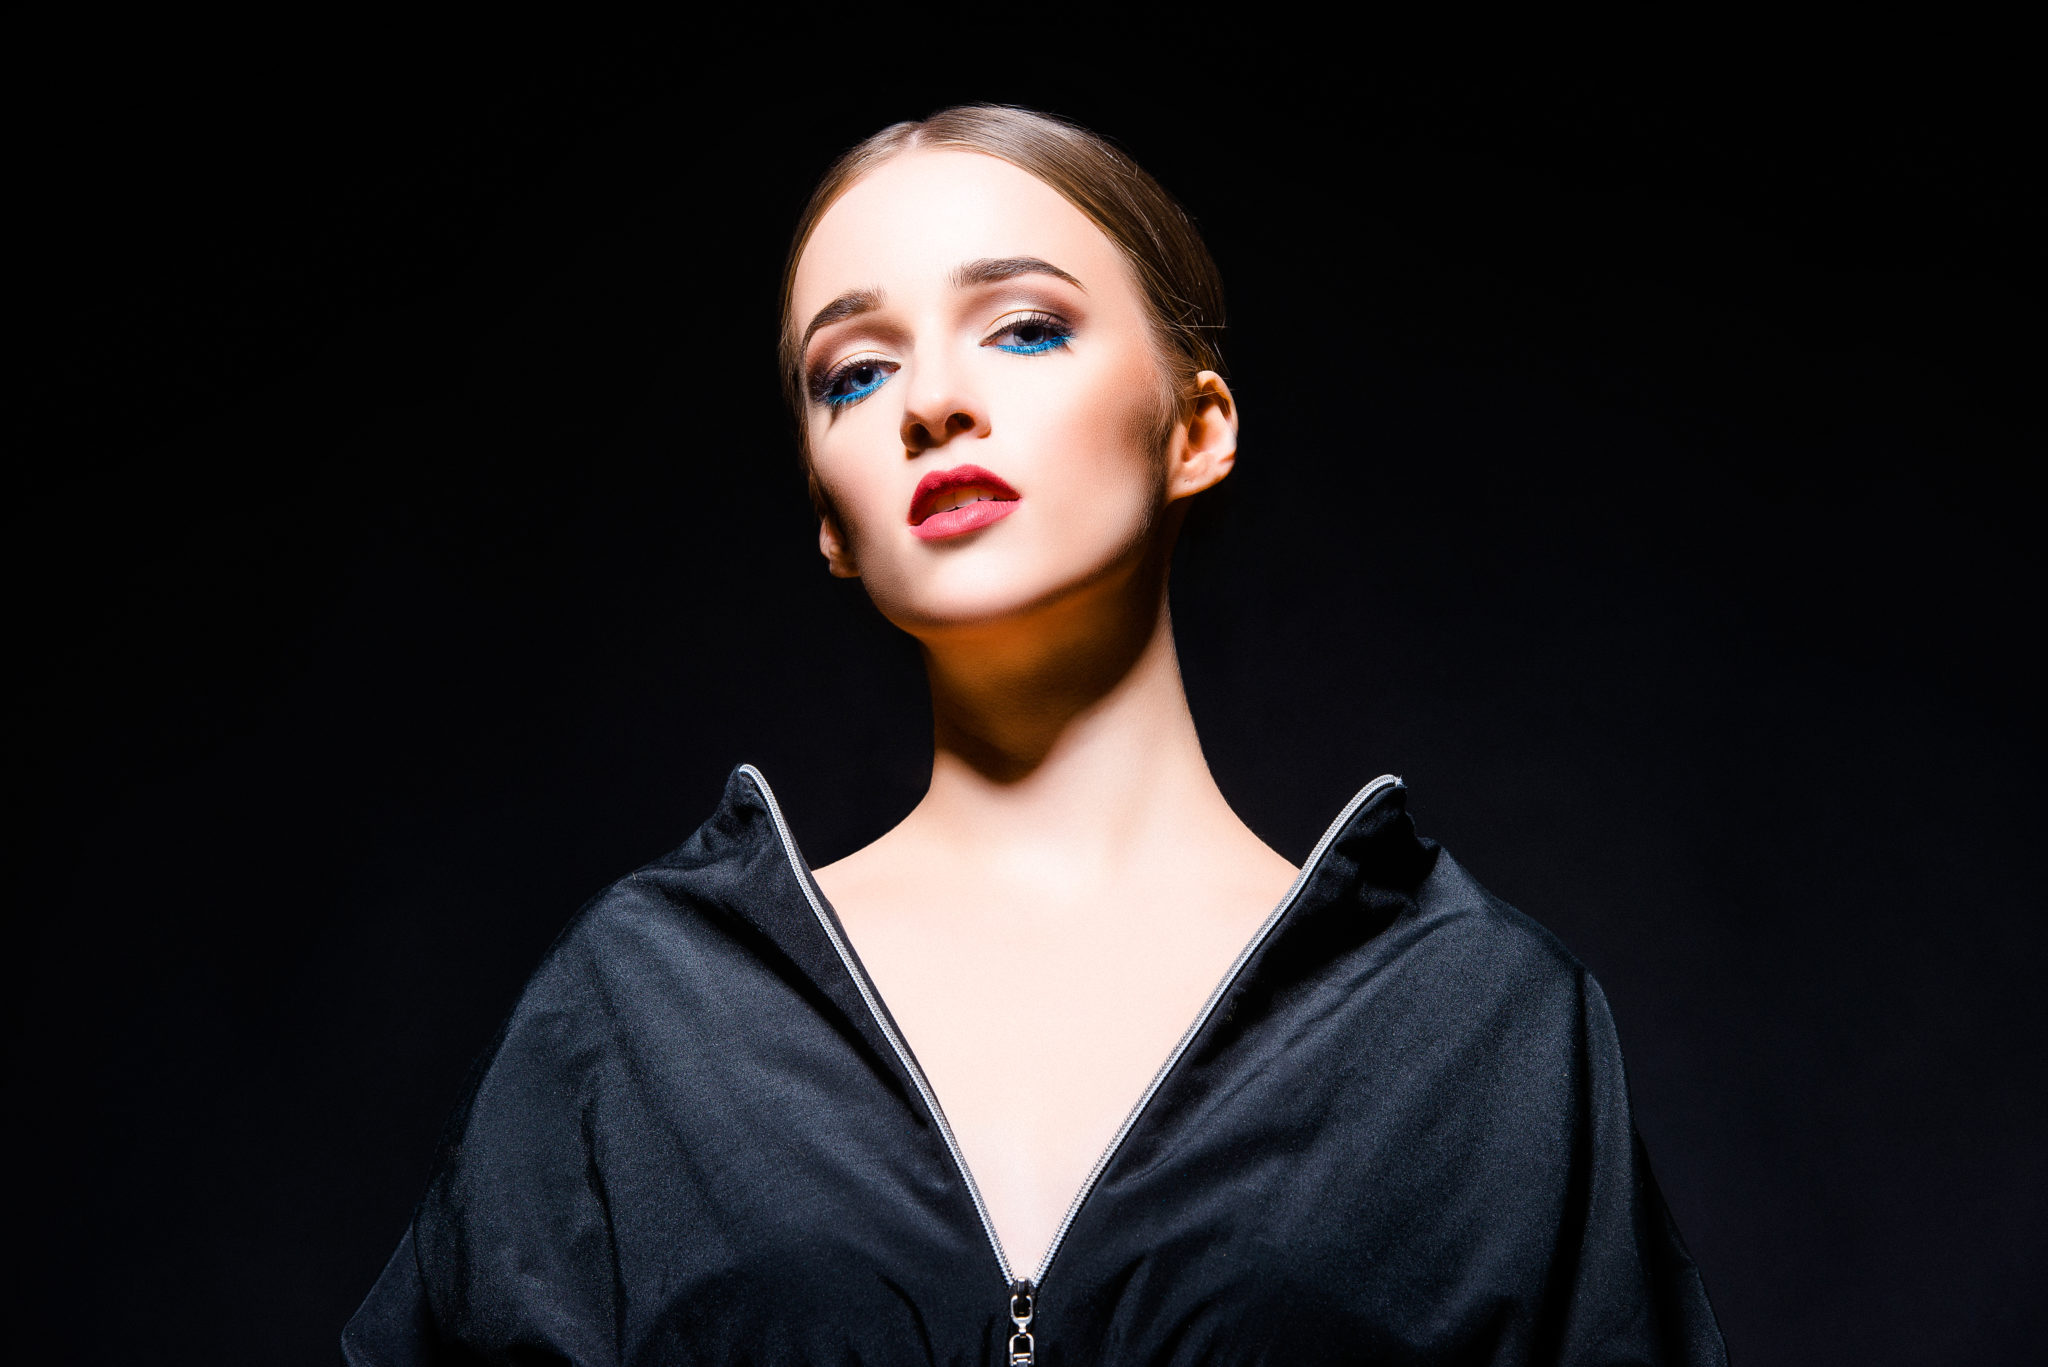 Гайд как выбрать тушь для ресниц, девушка, Алиса Постникова, на черном фоне, близкий портрет